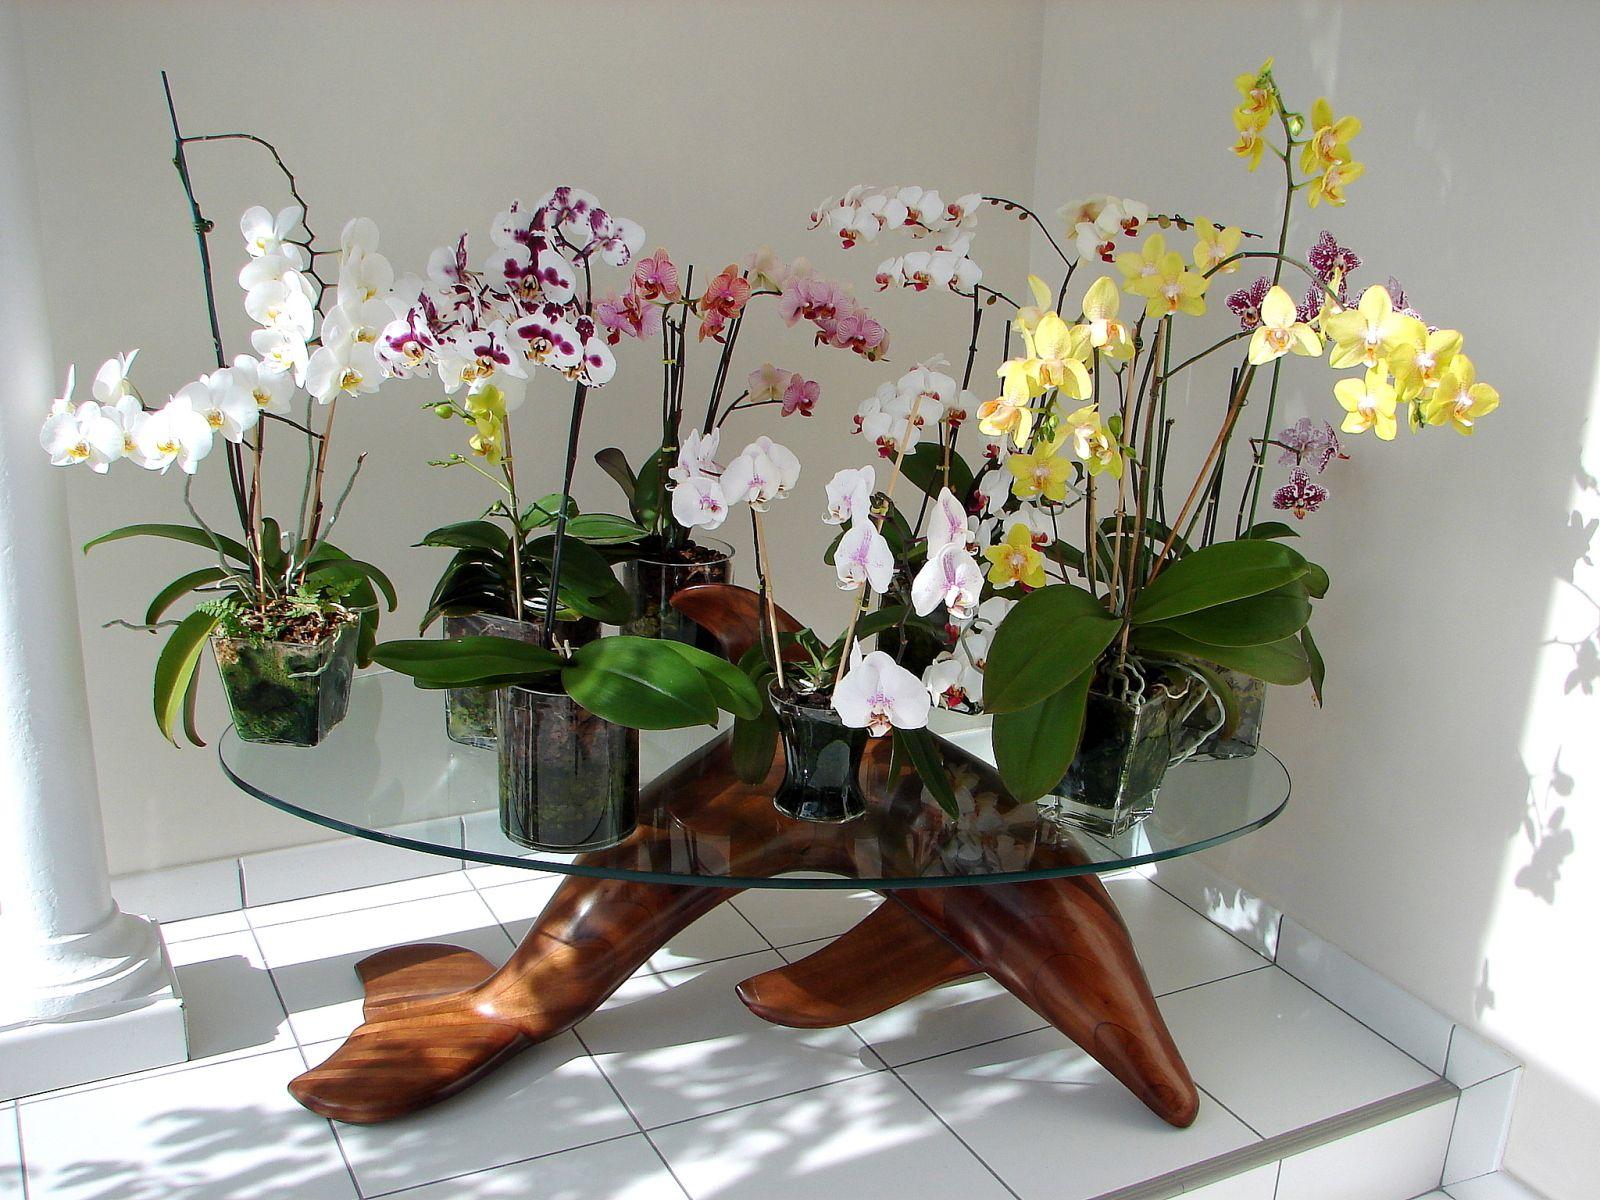 Pour Moi La Plus Belle Table D Orchidees Phaleanopsis Rejane A Invente La Culture En Pot De Verre Depuis 2007 Et Orchidee Projets De Jardins Jardinage Fleur